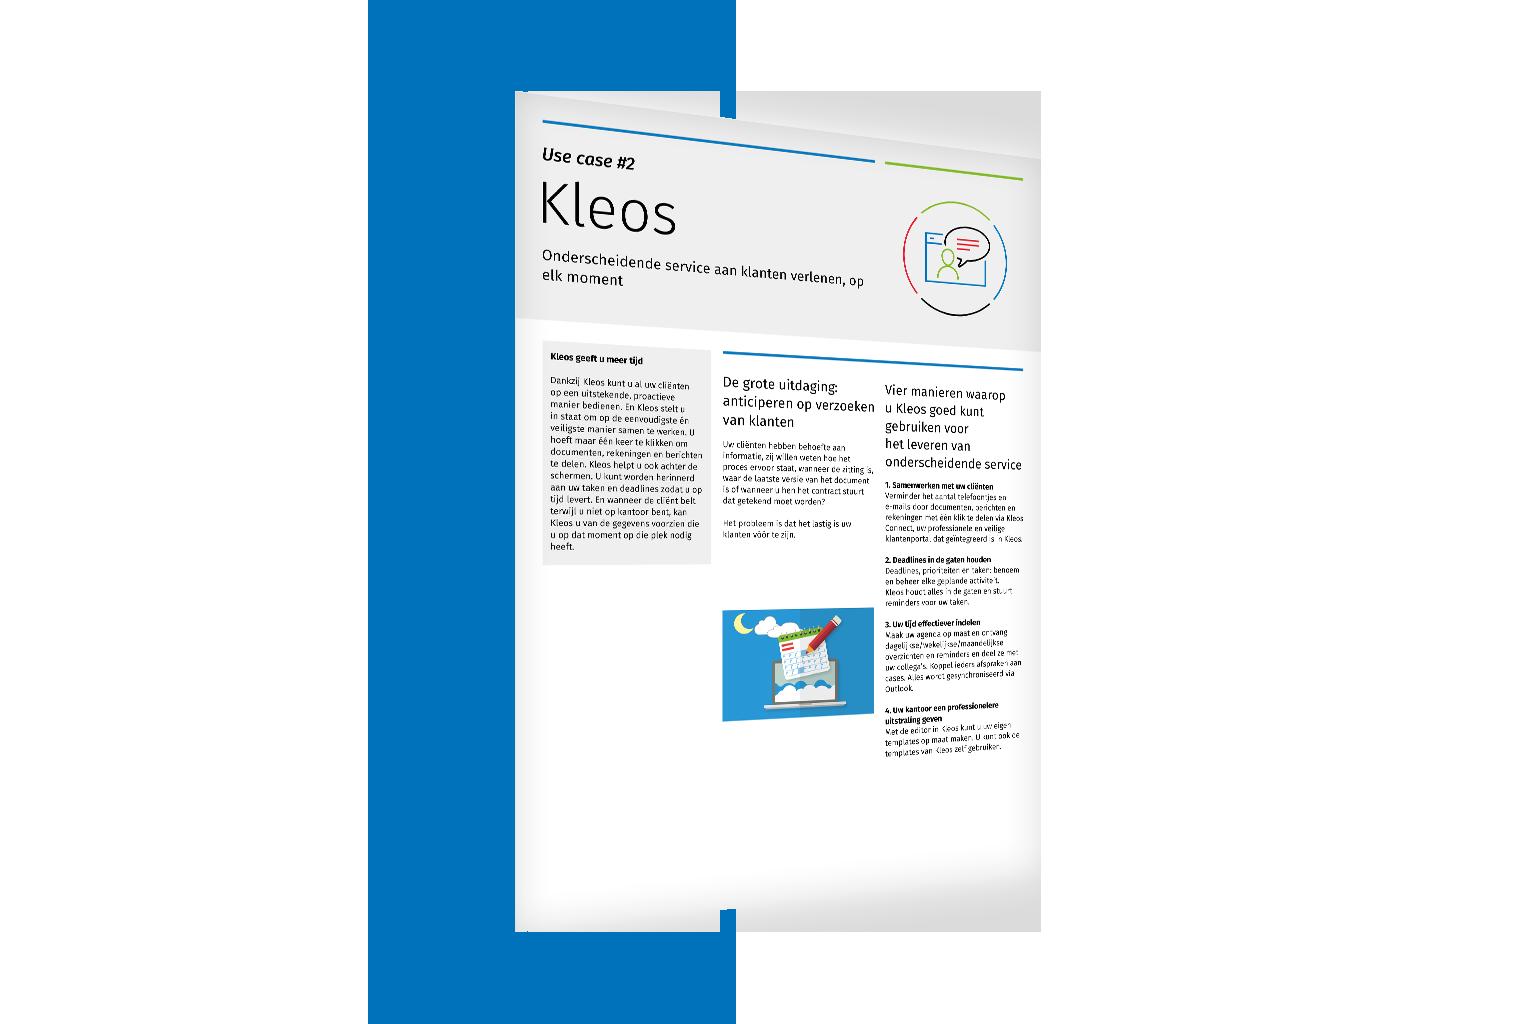 Kleos-Use-Case-2-Client-Service-NL-1536x1024